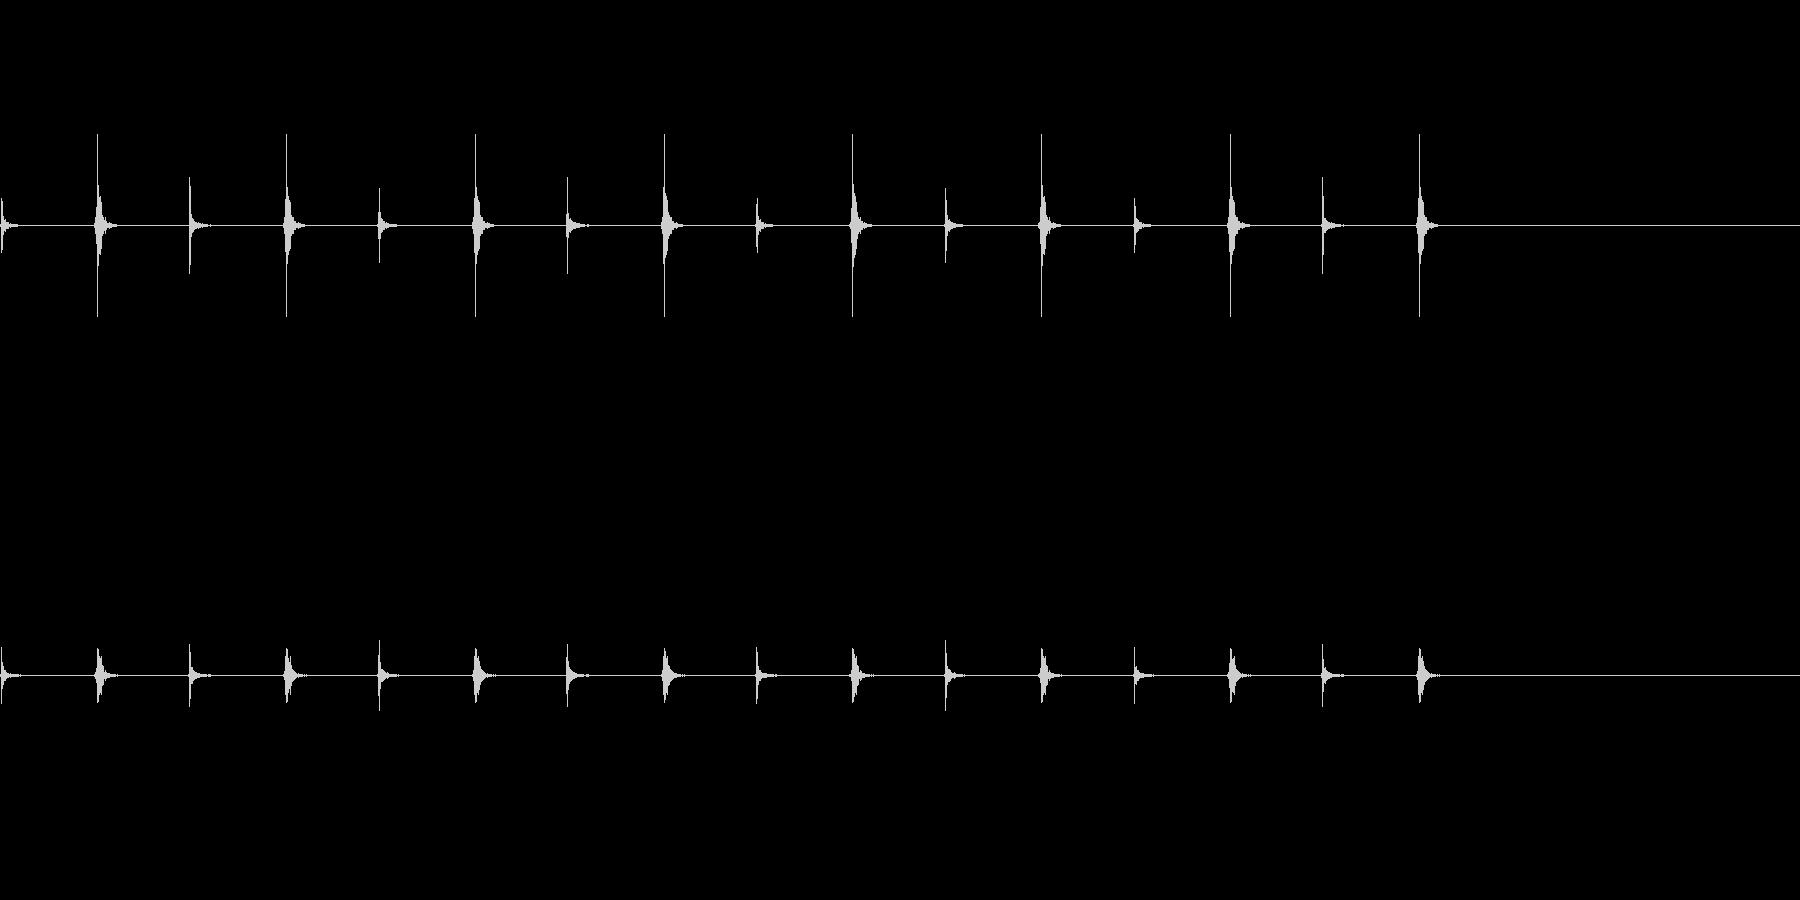 チクタクと音を立てる時計の針の音の未再生の波形